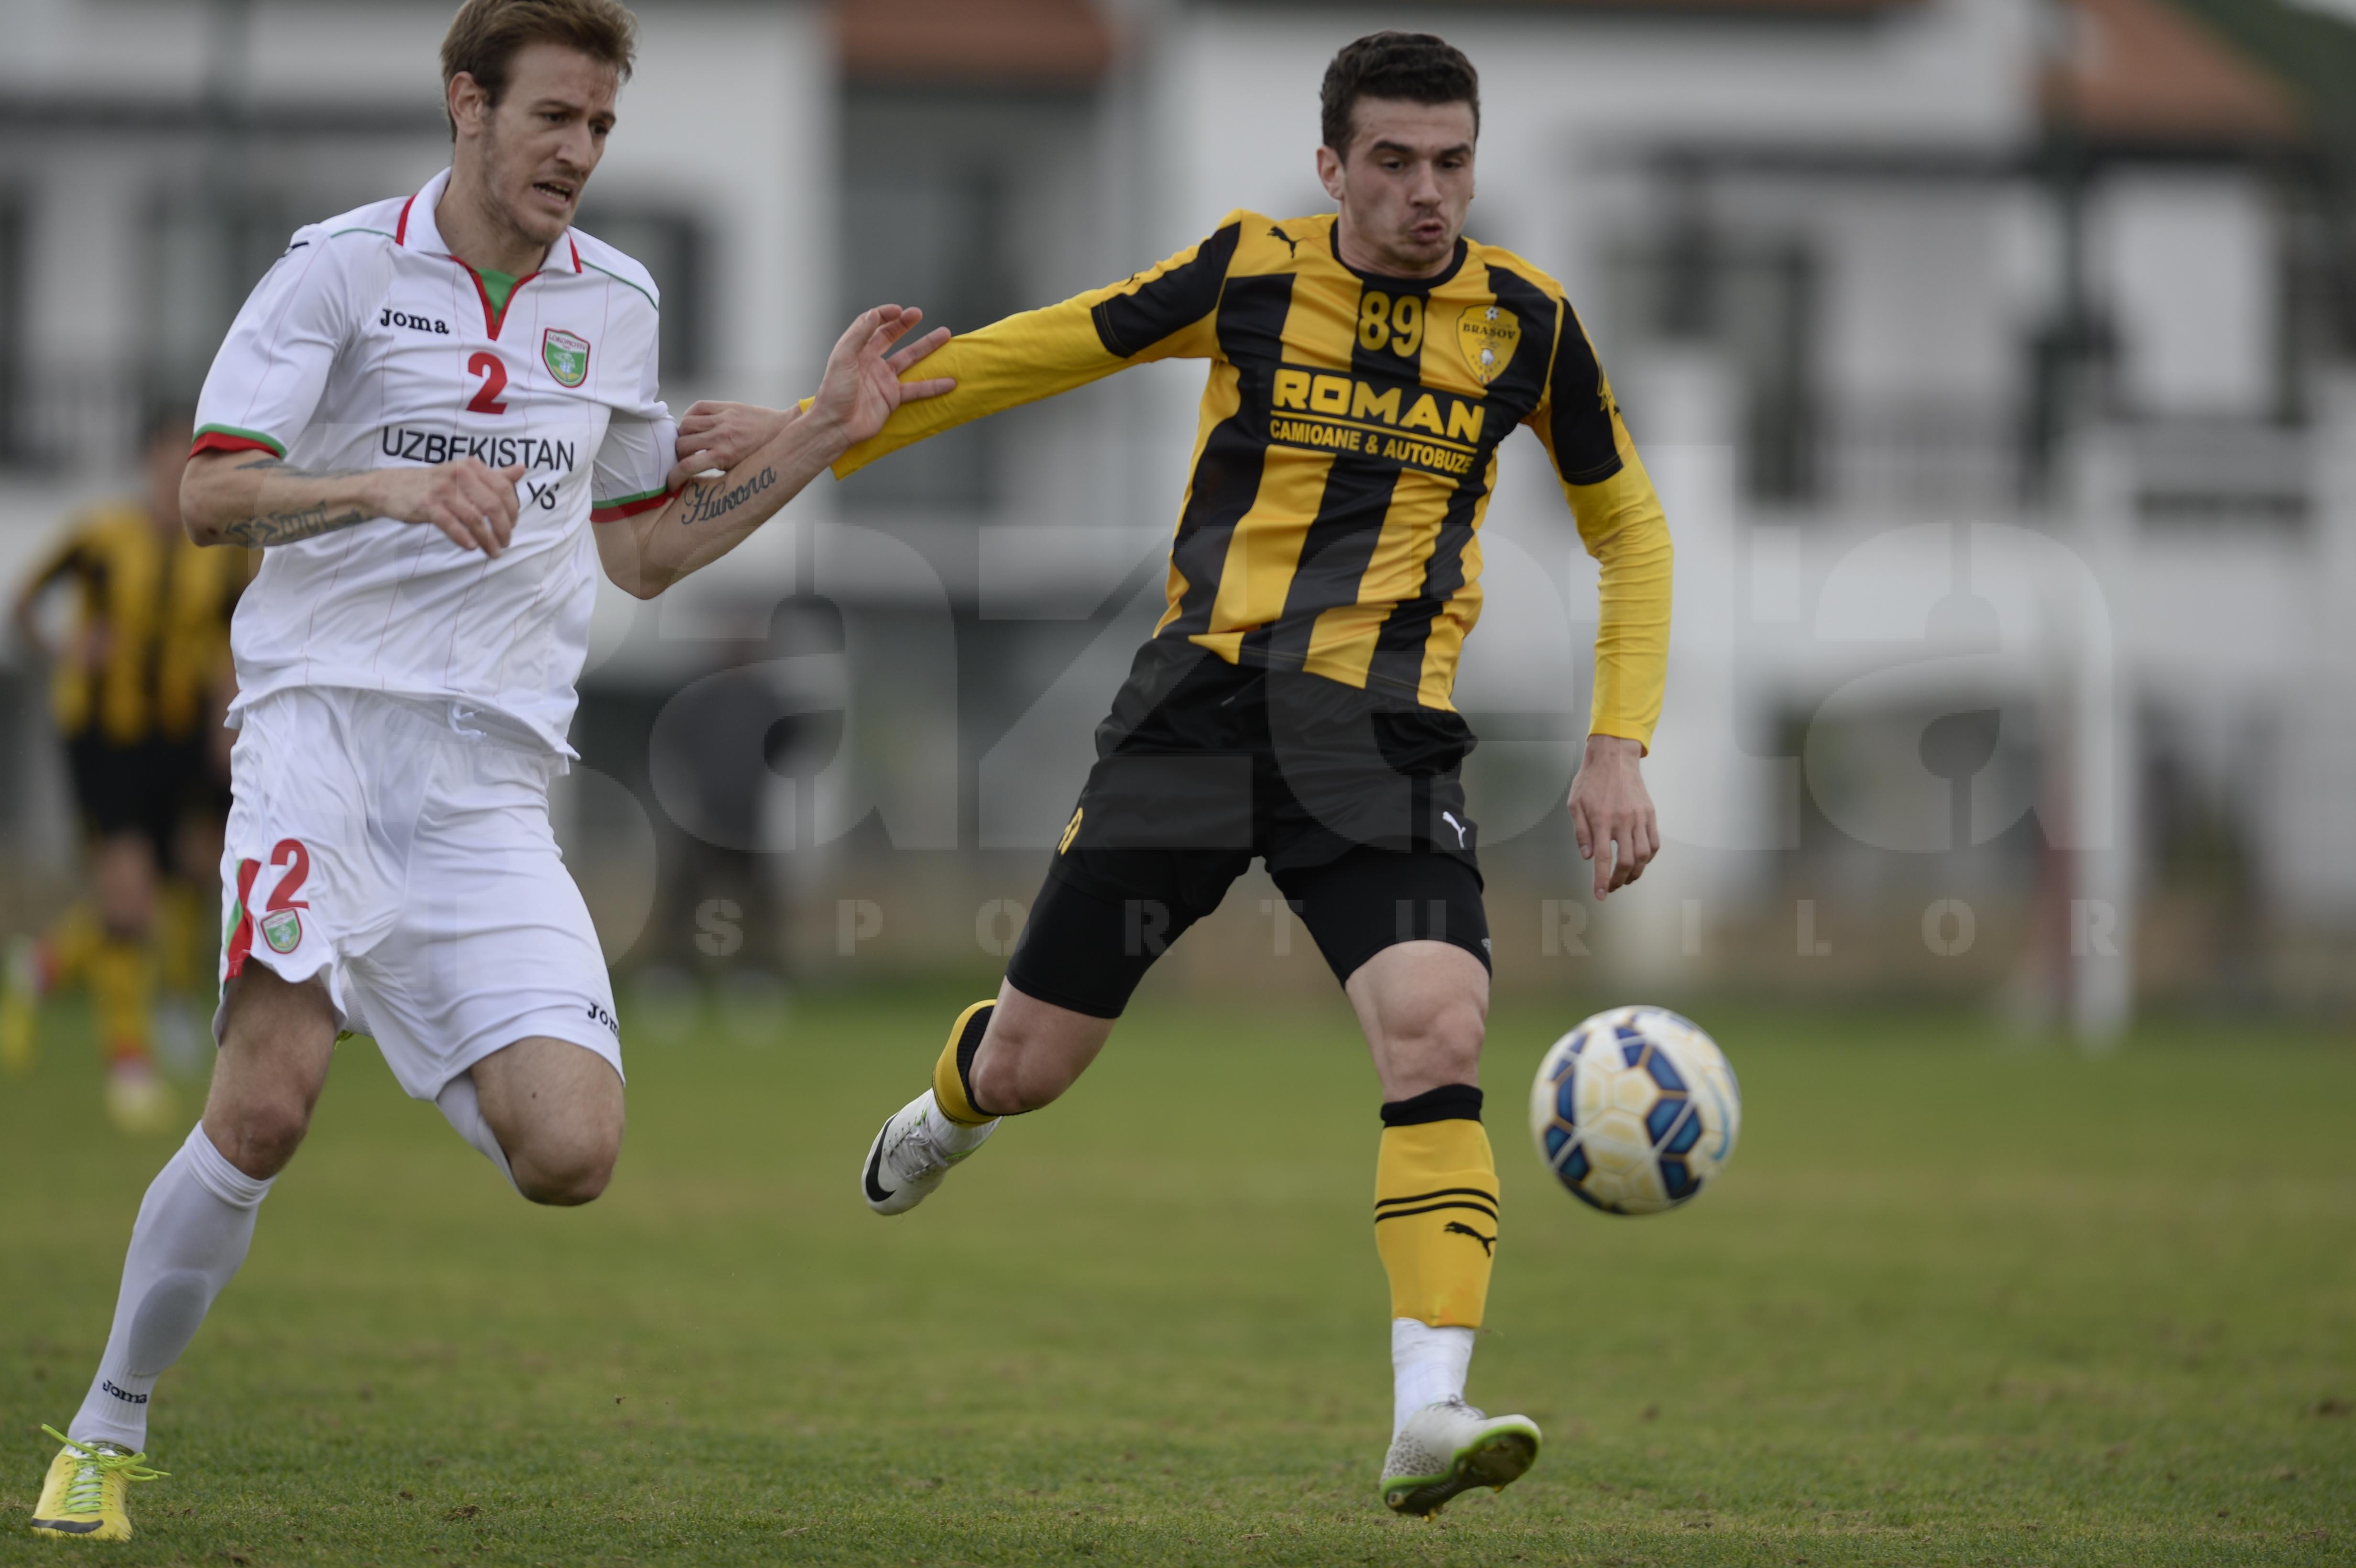 FOTO Braşovenii au obţinut o remiză albă cu Lokomotiv Taşkent » Ce spune Liviu Ganea despre CFR Cluj şi Dinamo